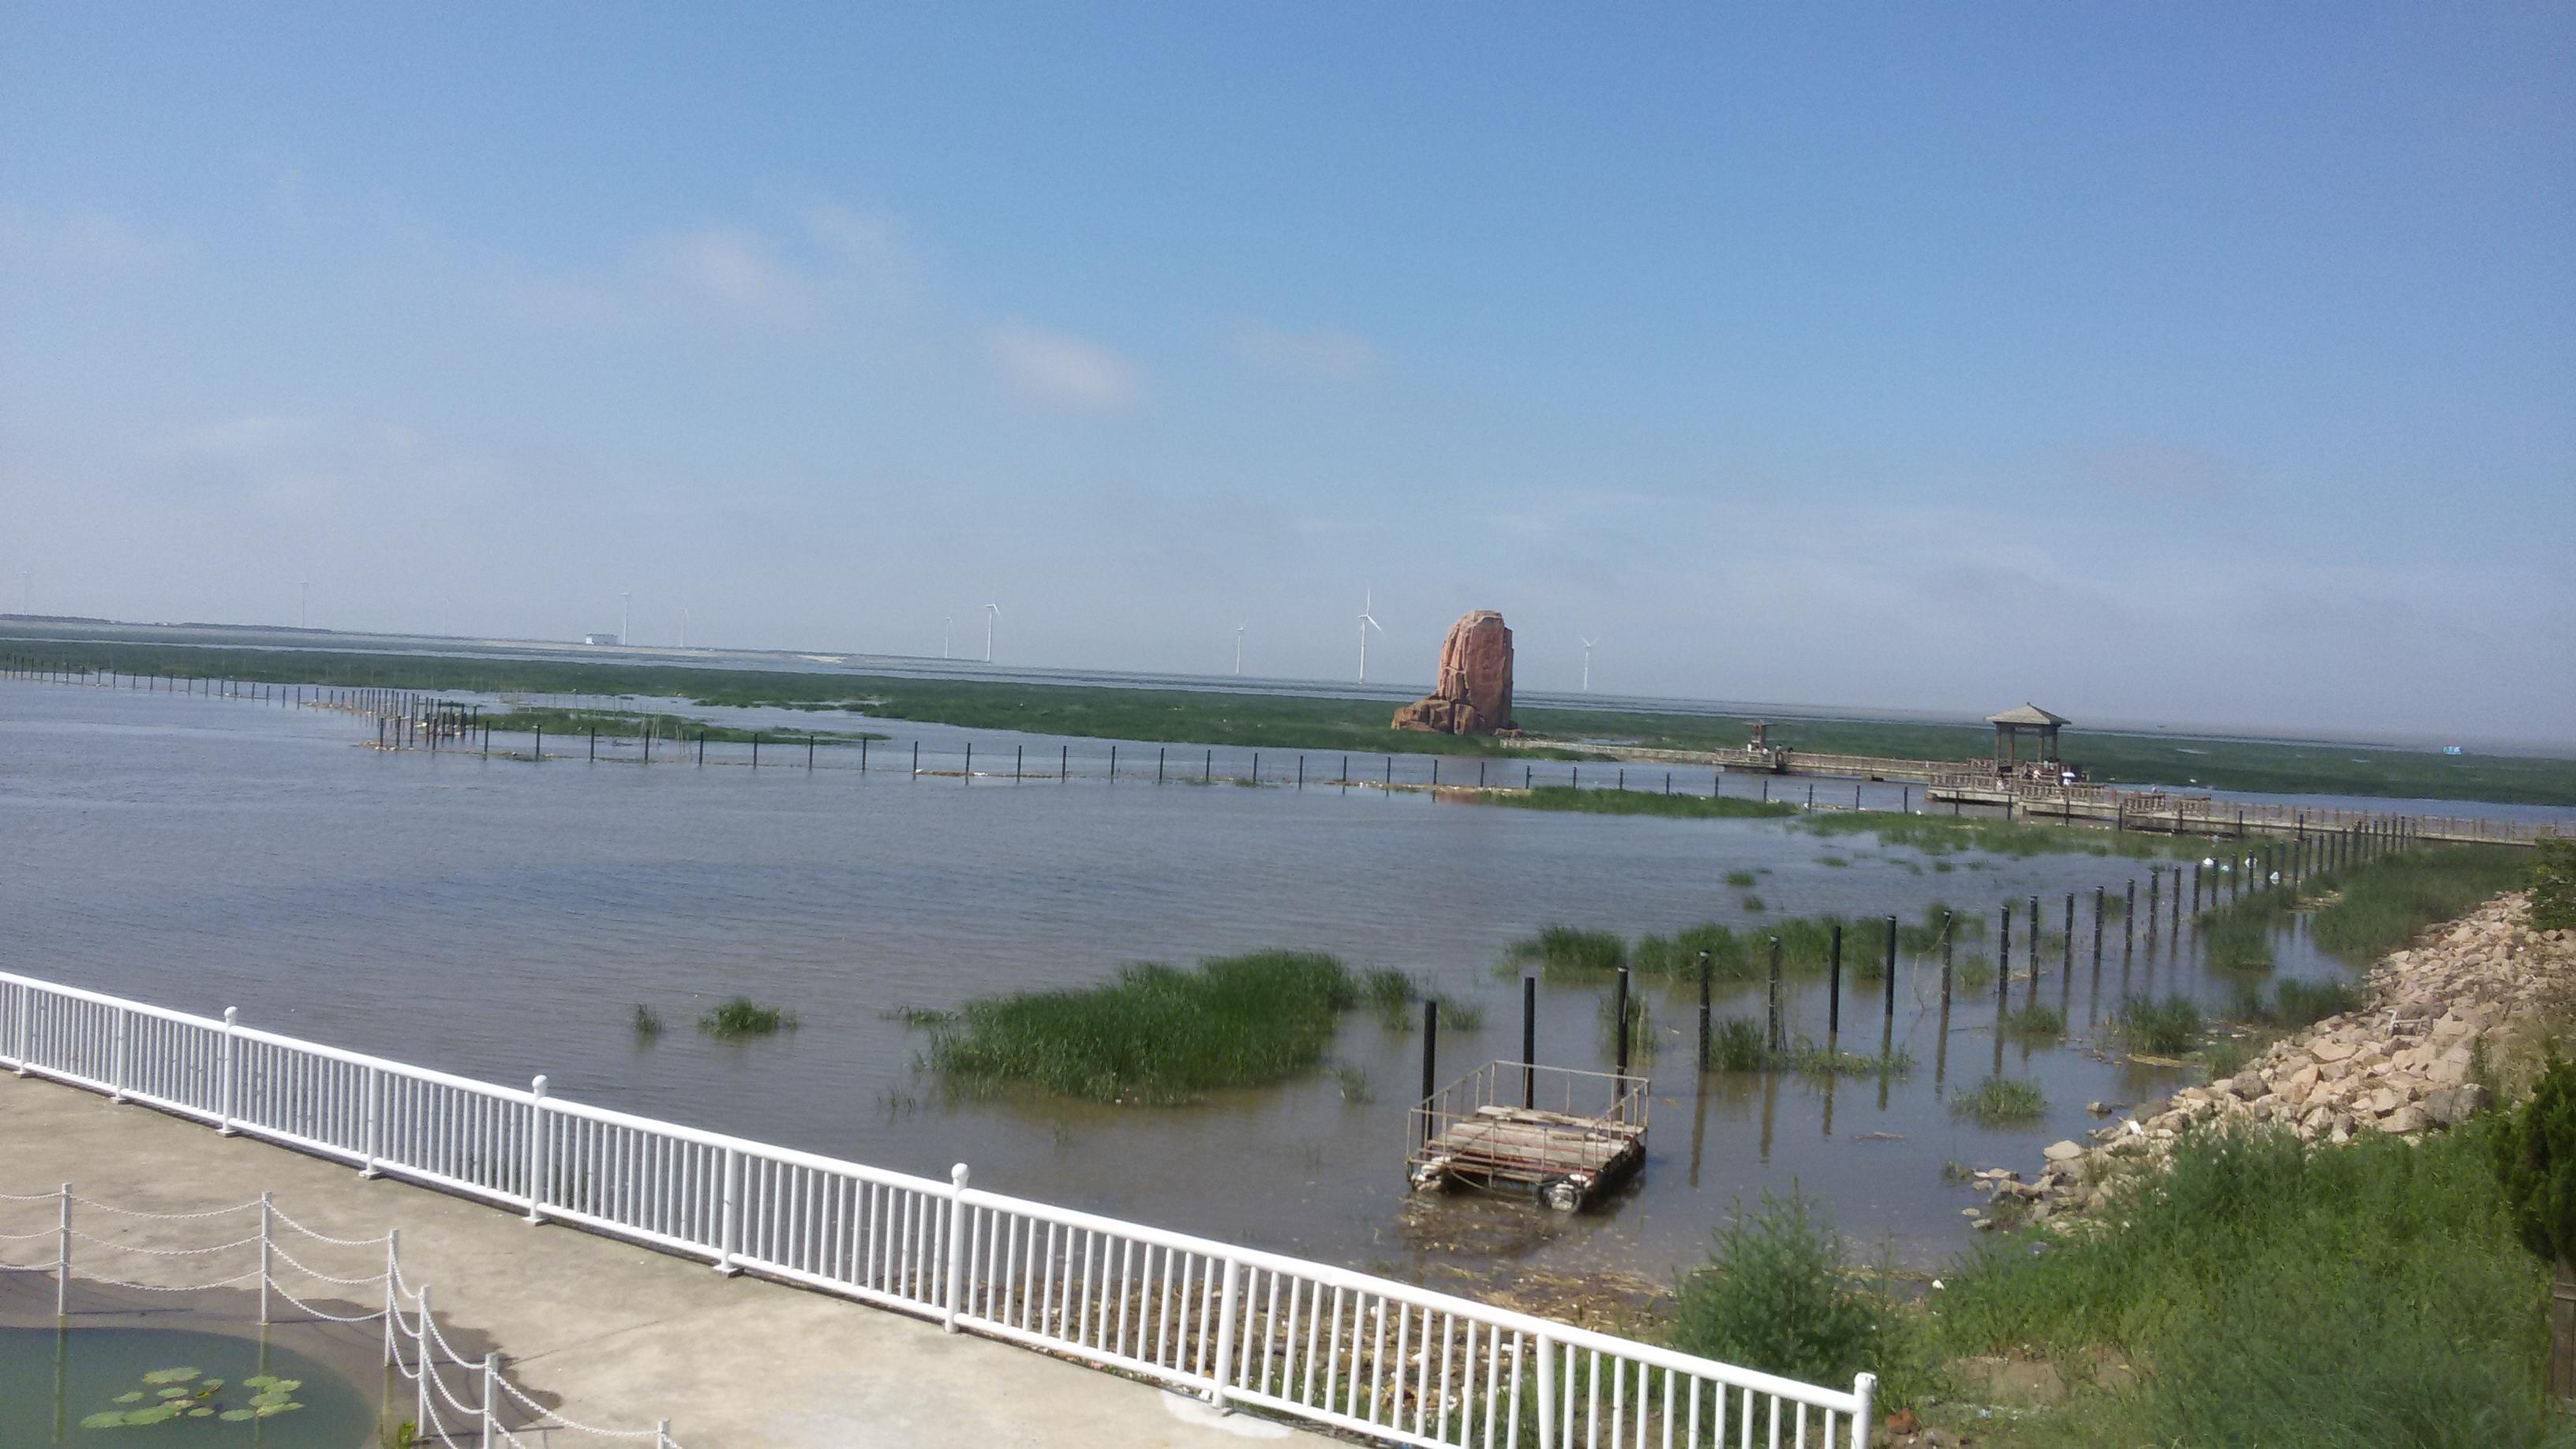 【携程攻略】江苏长沙海滩景点